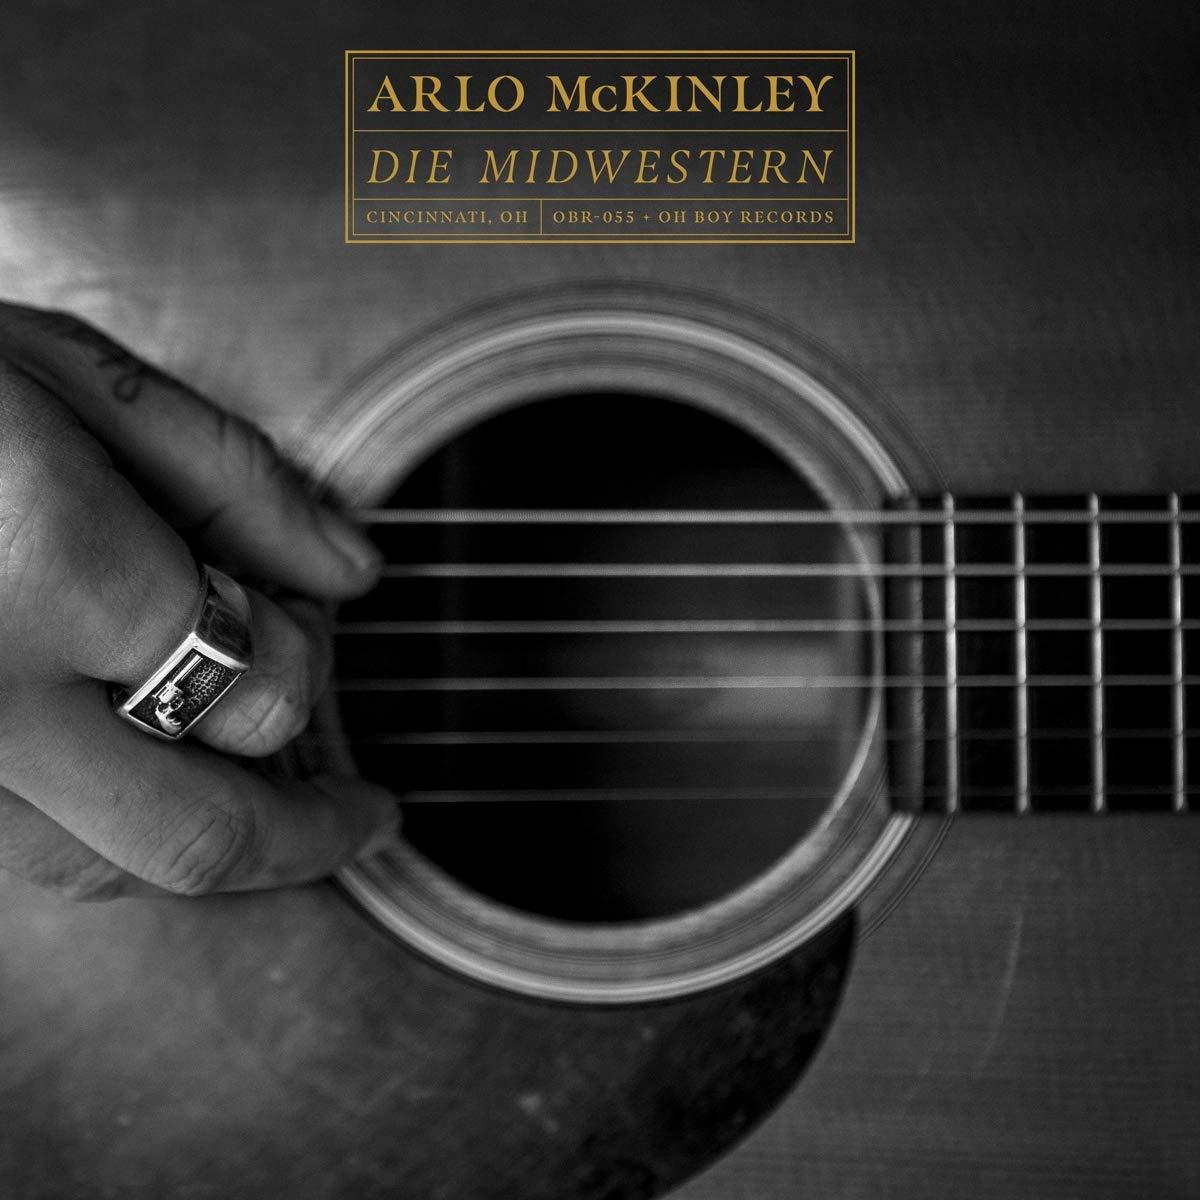 ARLO McKINLEY - Die Midwestern: